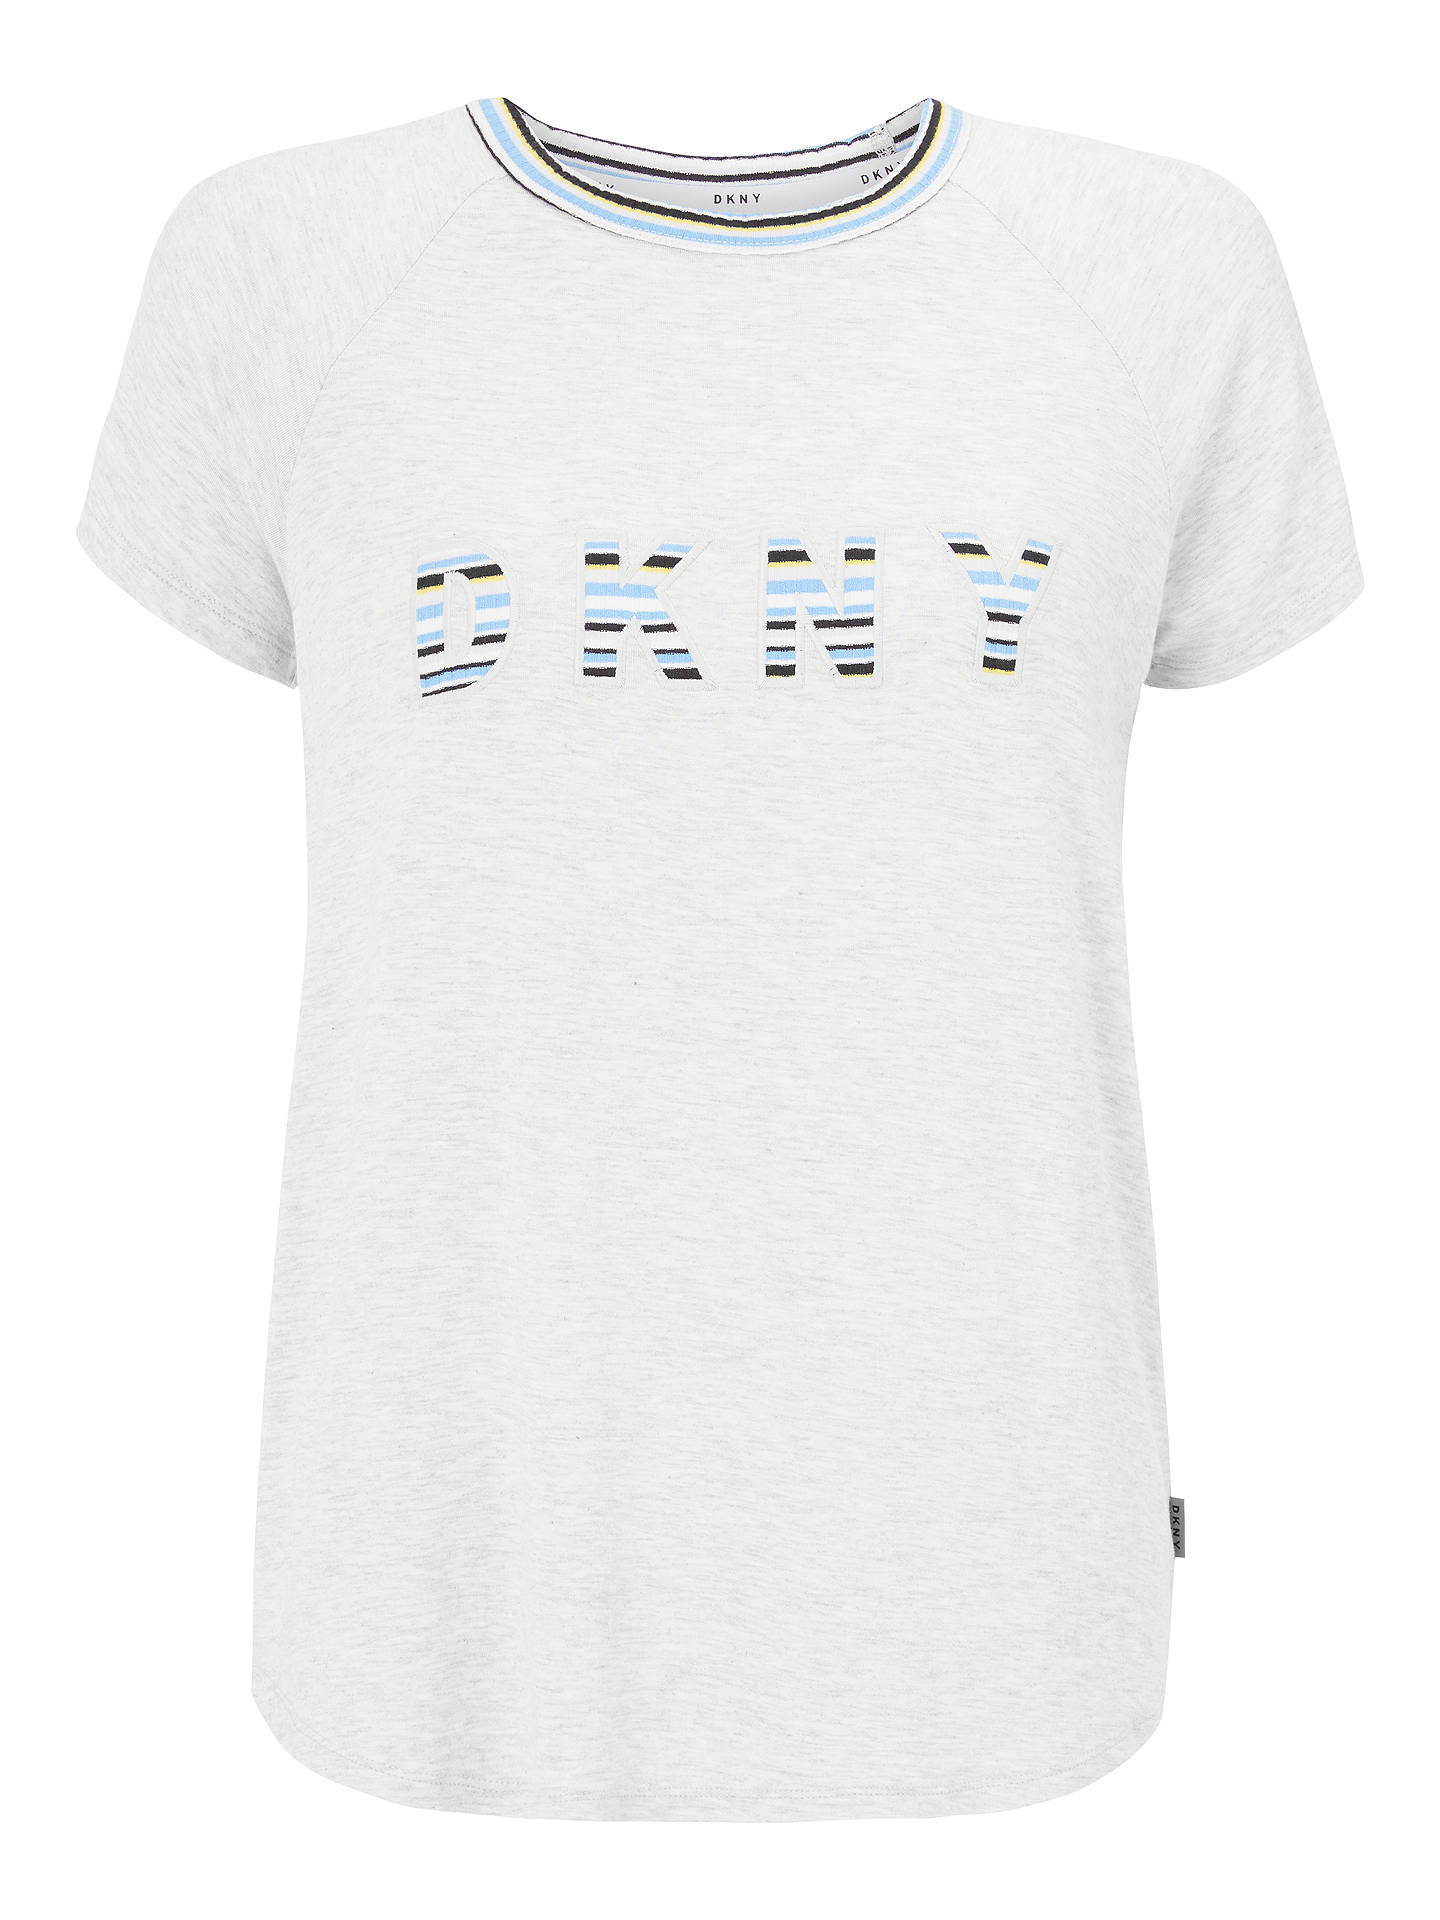 ... BuyDKNY Earn Your Stripes Pyjama Top ed552d8fd